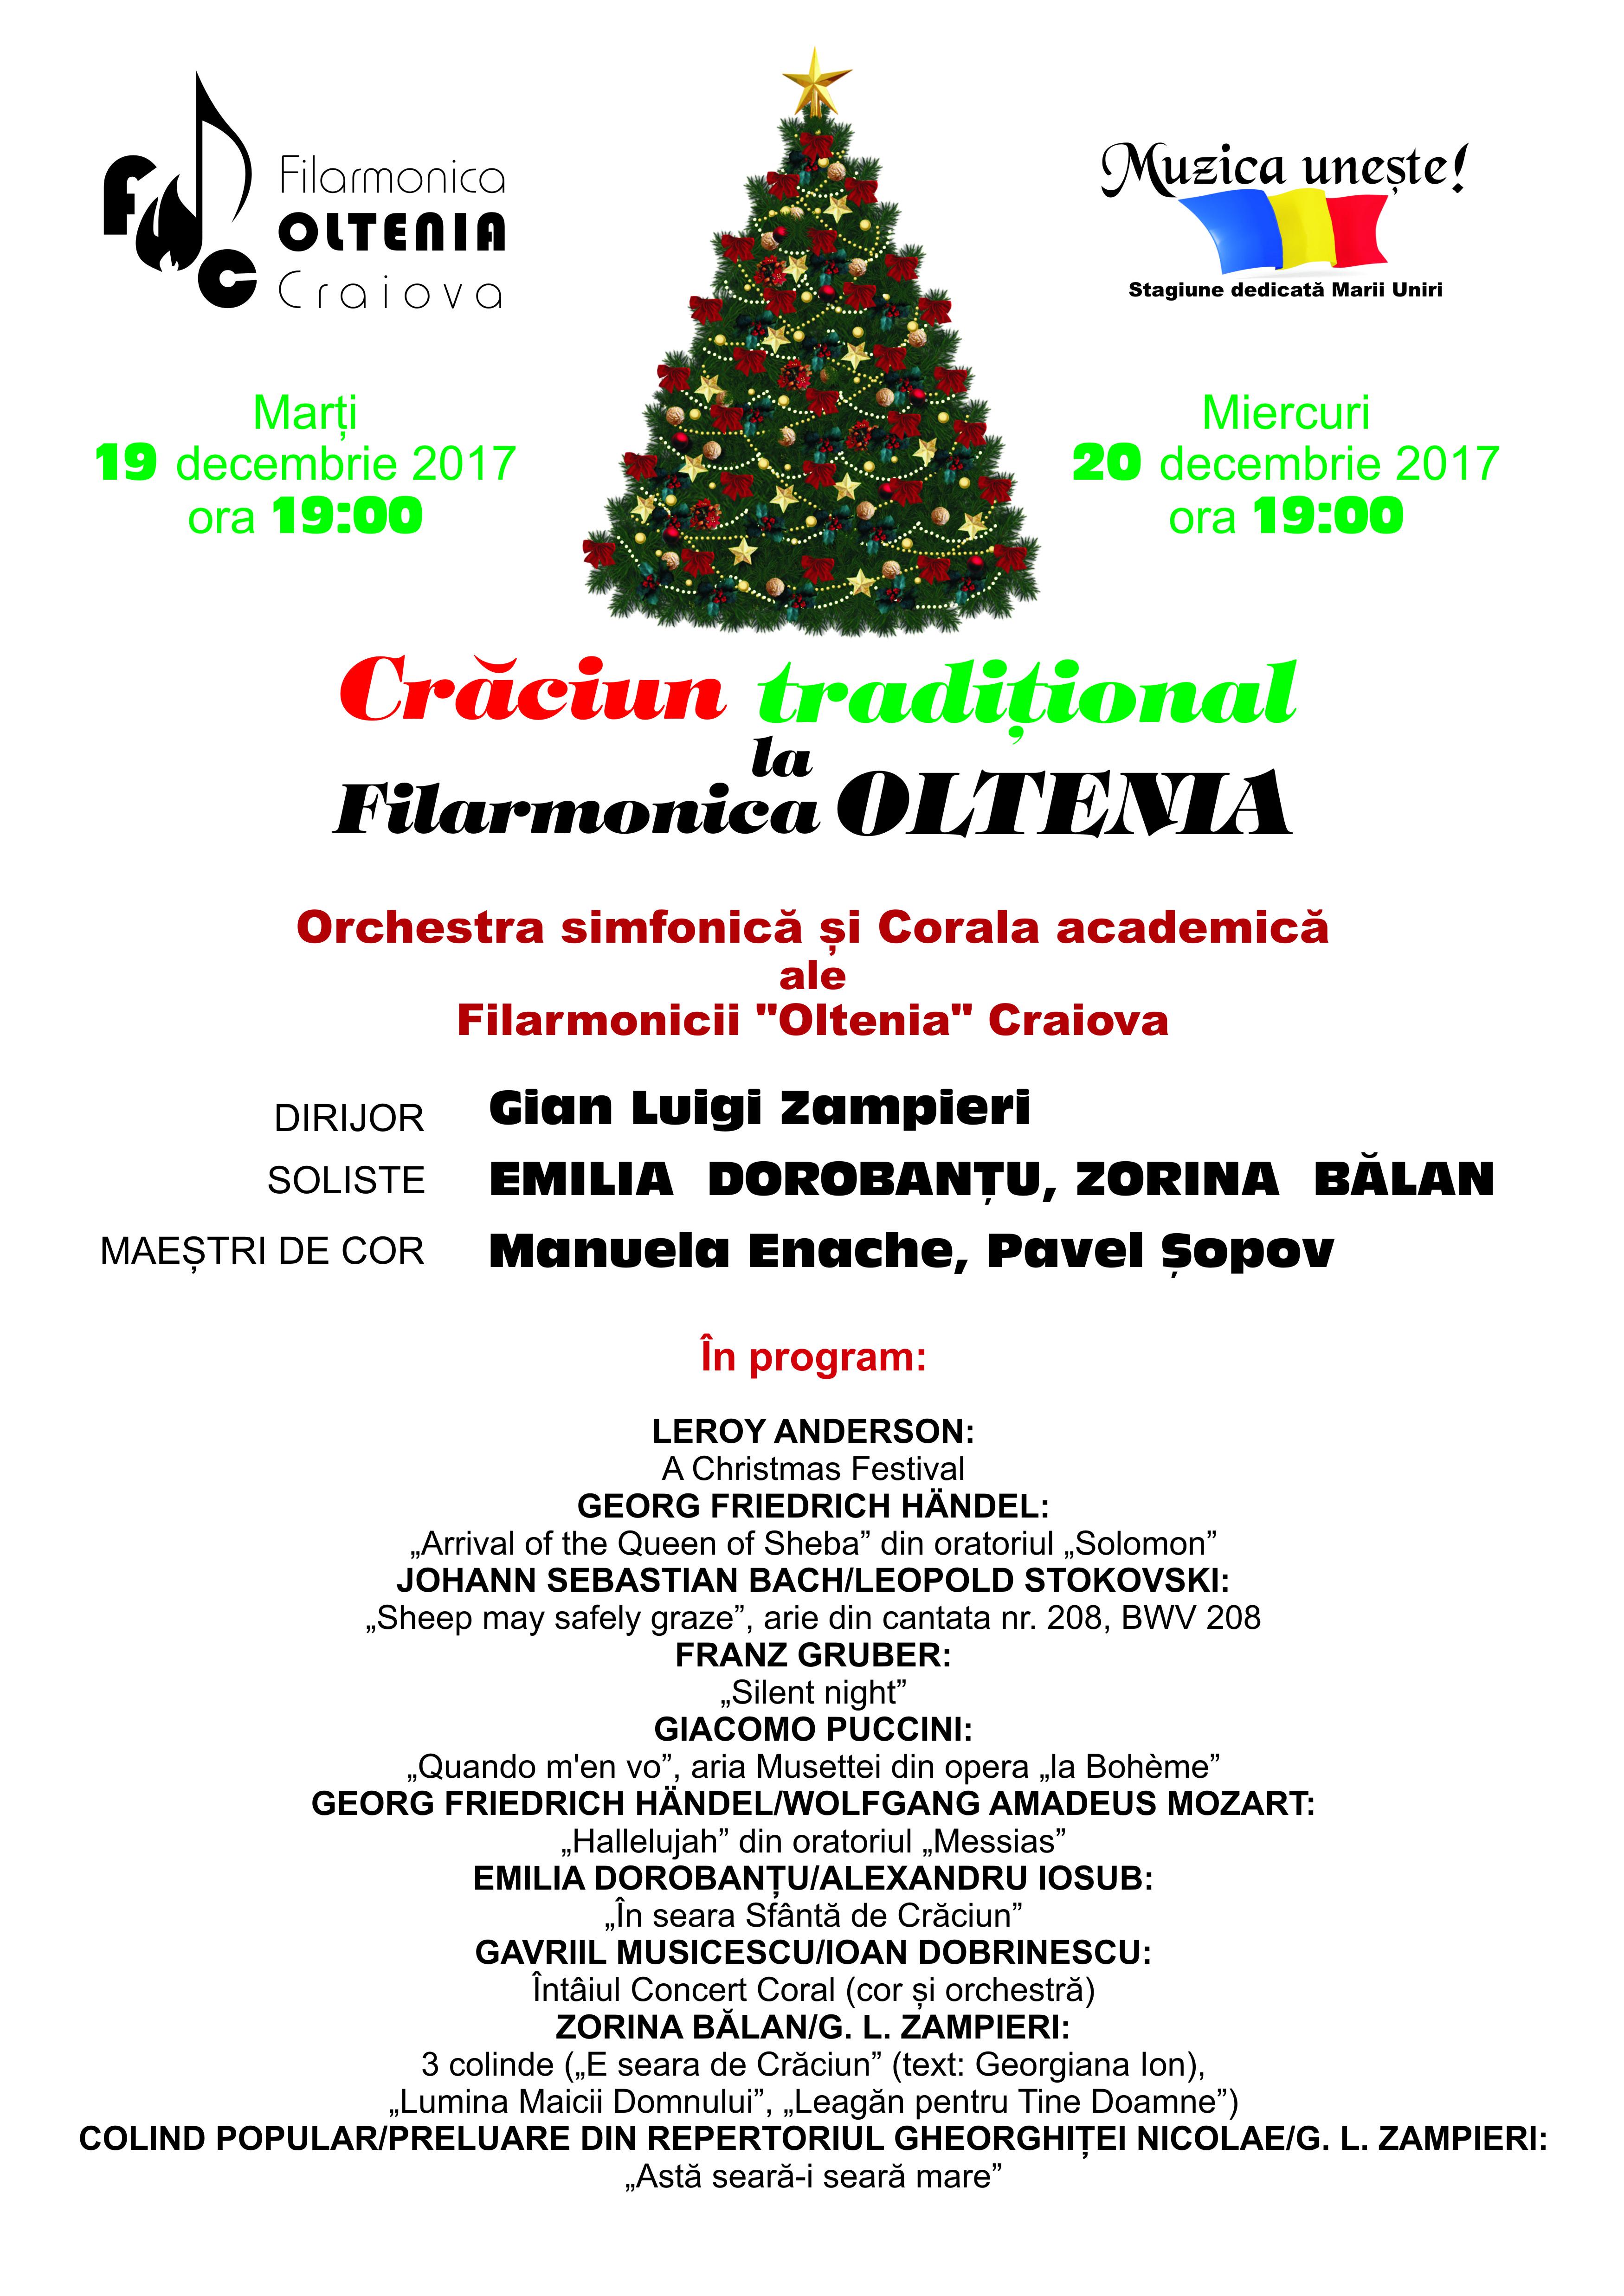 Concert de Crăciun la Filarmonica Oltenia Craiova 19-20 Decembrie 2017